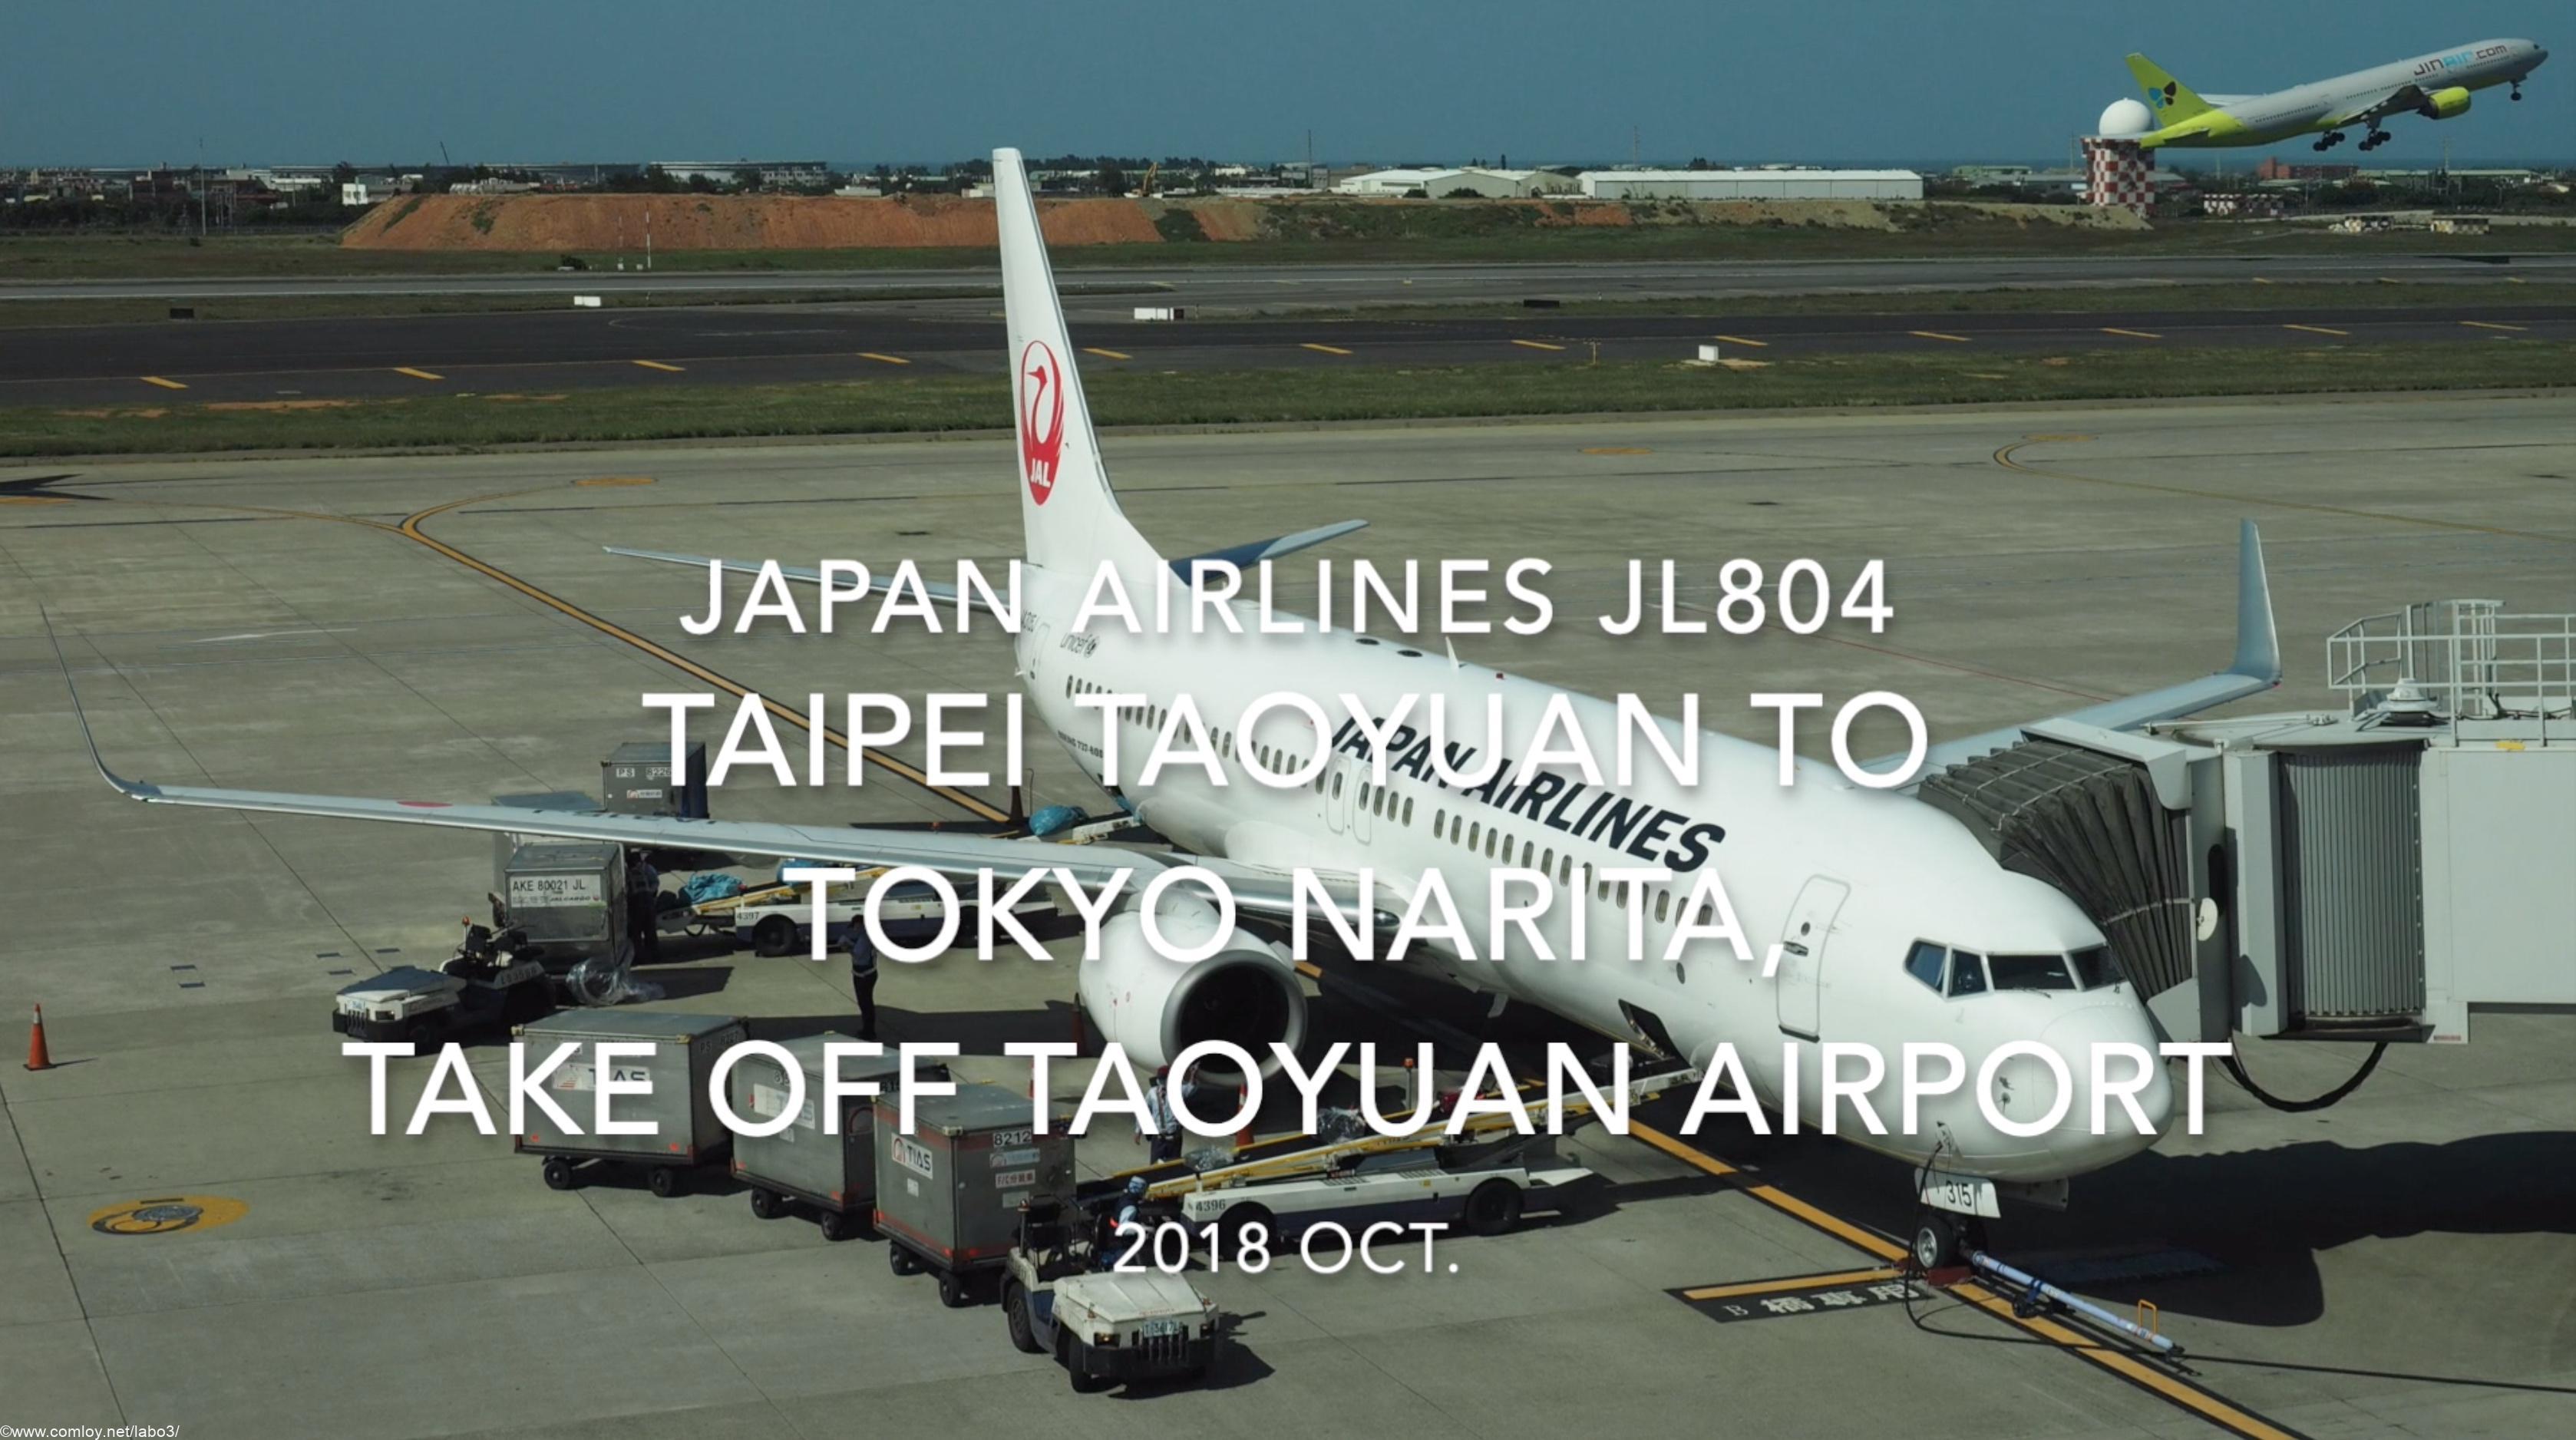 【機内から離着陸映像】2018 Oct. JAPAN Airlines JL804 TAIPEI Taoyuan to TOKYO NARITA, Take off TAIPEI Taoyuan airport 日本航空 台北 - 成田 台北桃園空港離陸